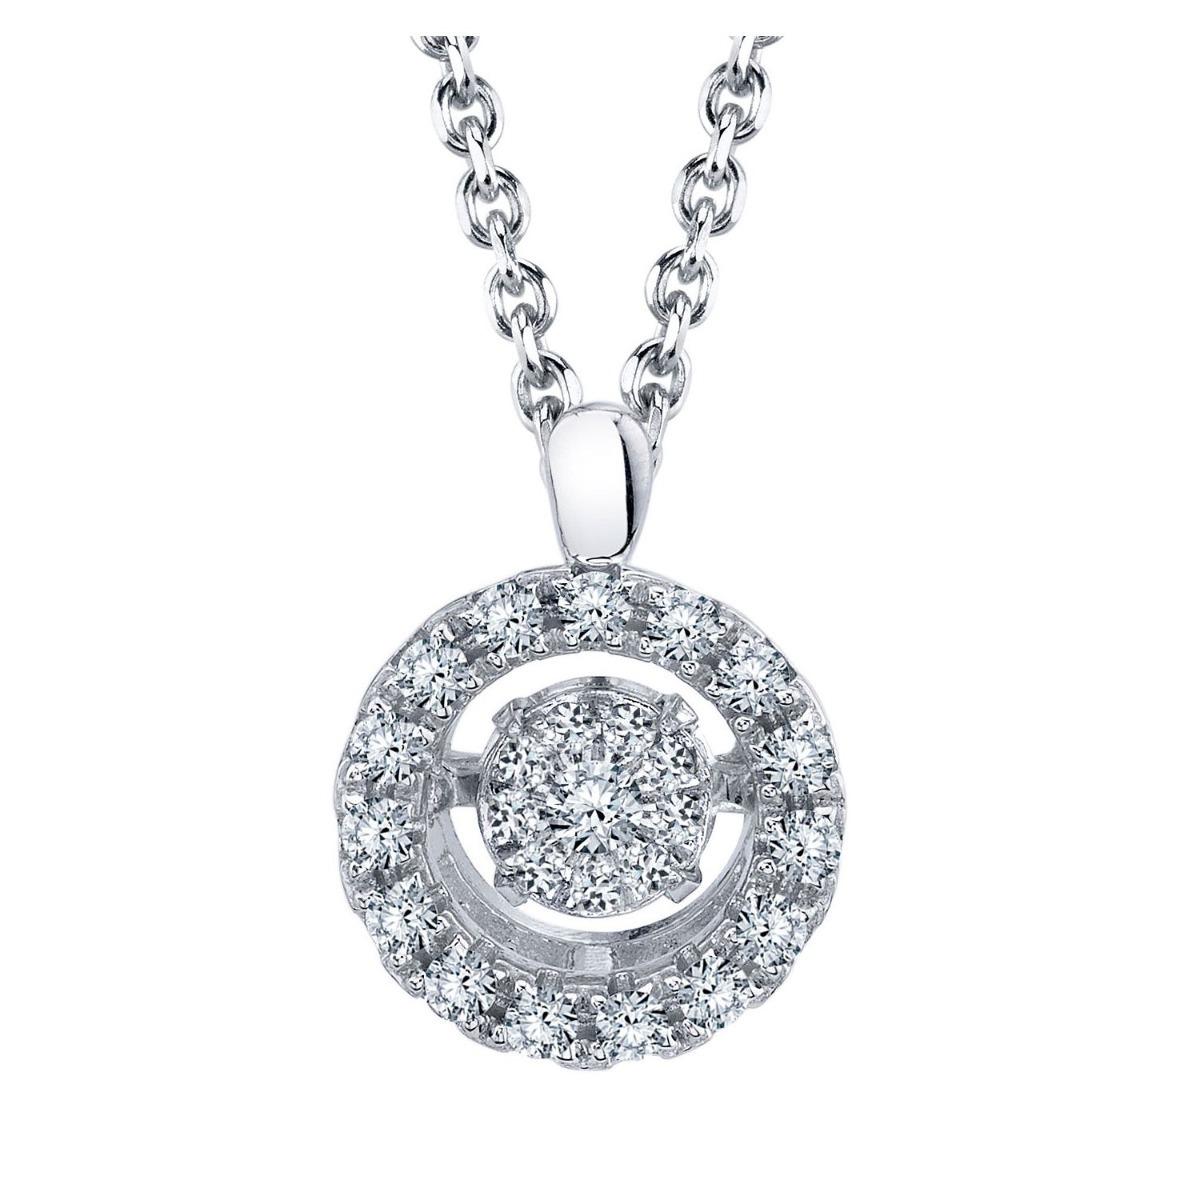 dbd599713a96 collar redondo de diamante en plata esterlina. Cargando zoom.